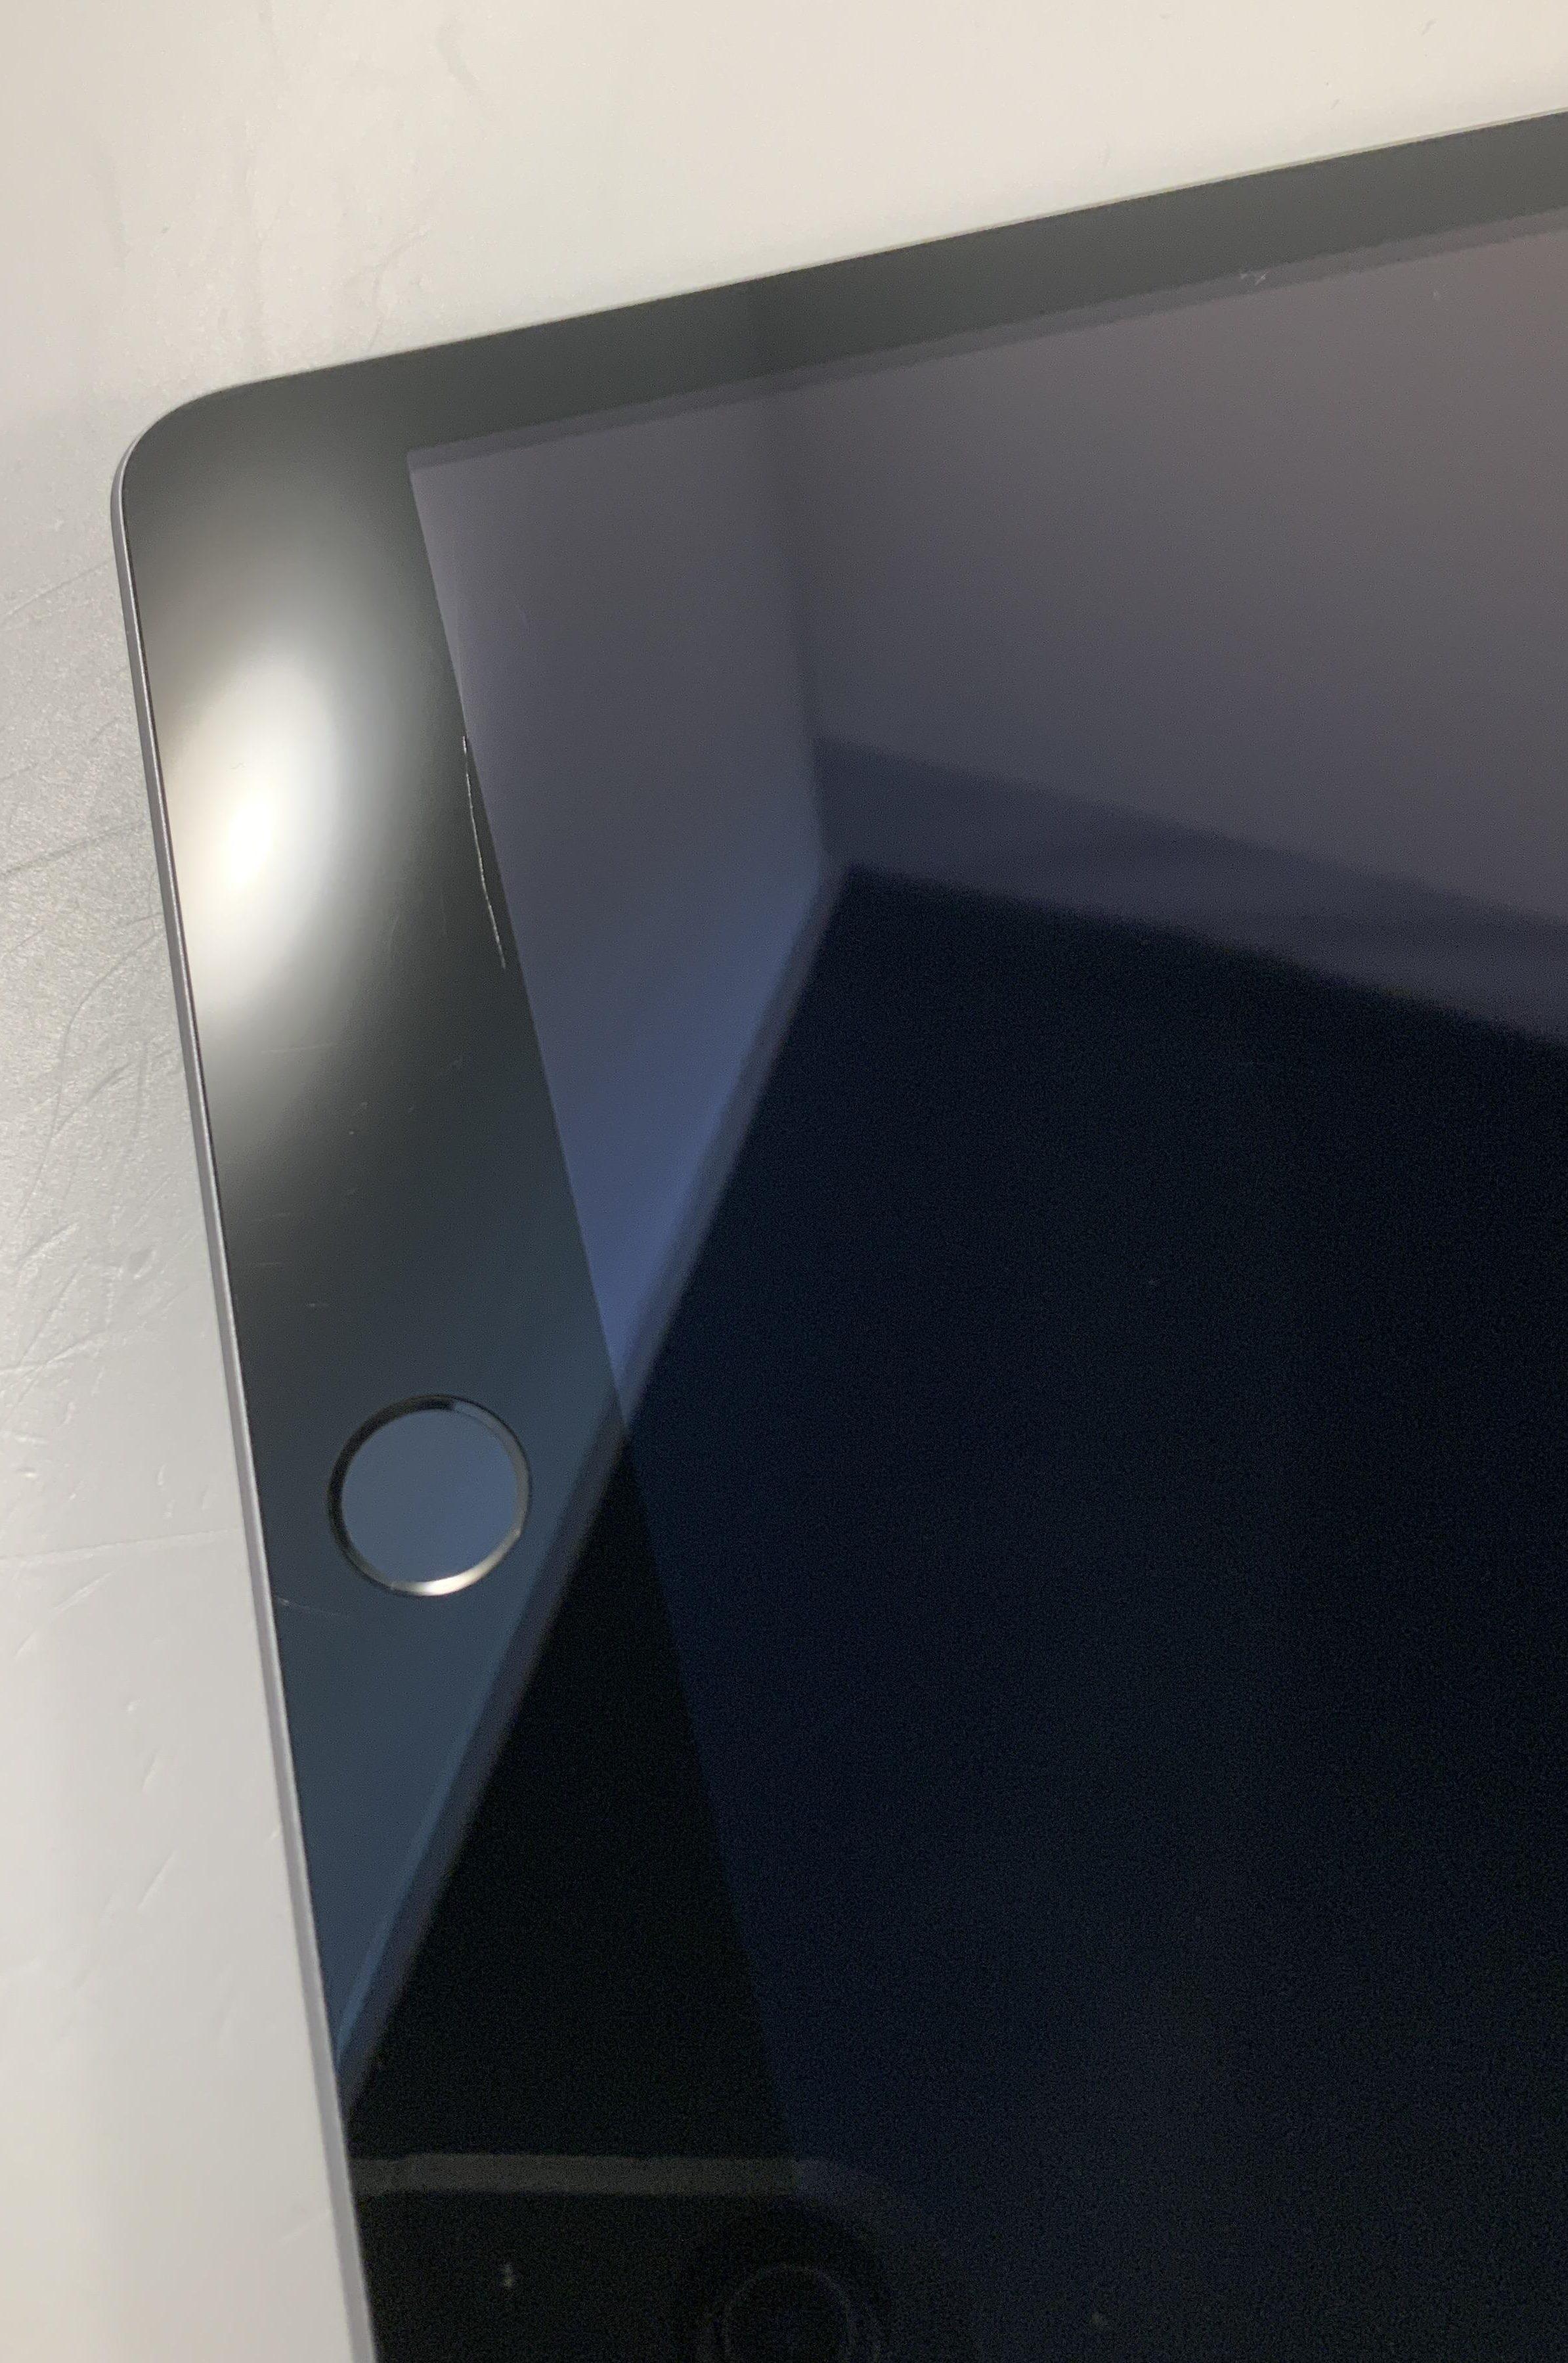 iPad 5 Wi-Fi 32GB, 32GB, Space Gray, obraz 3